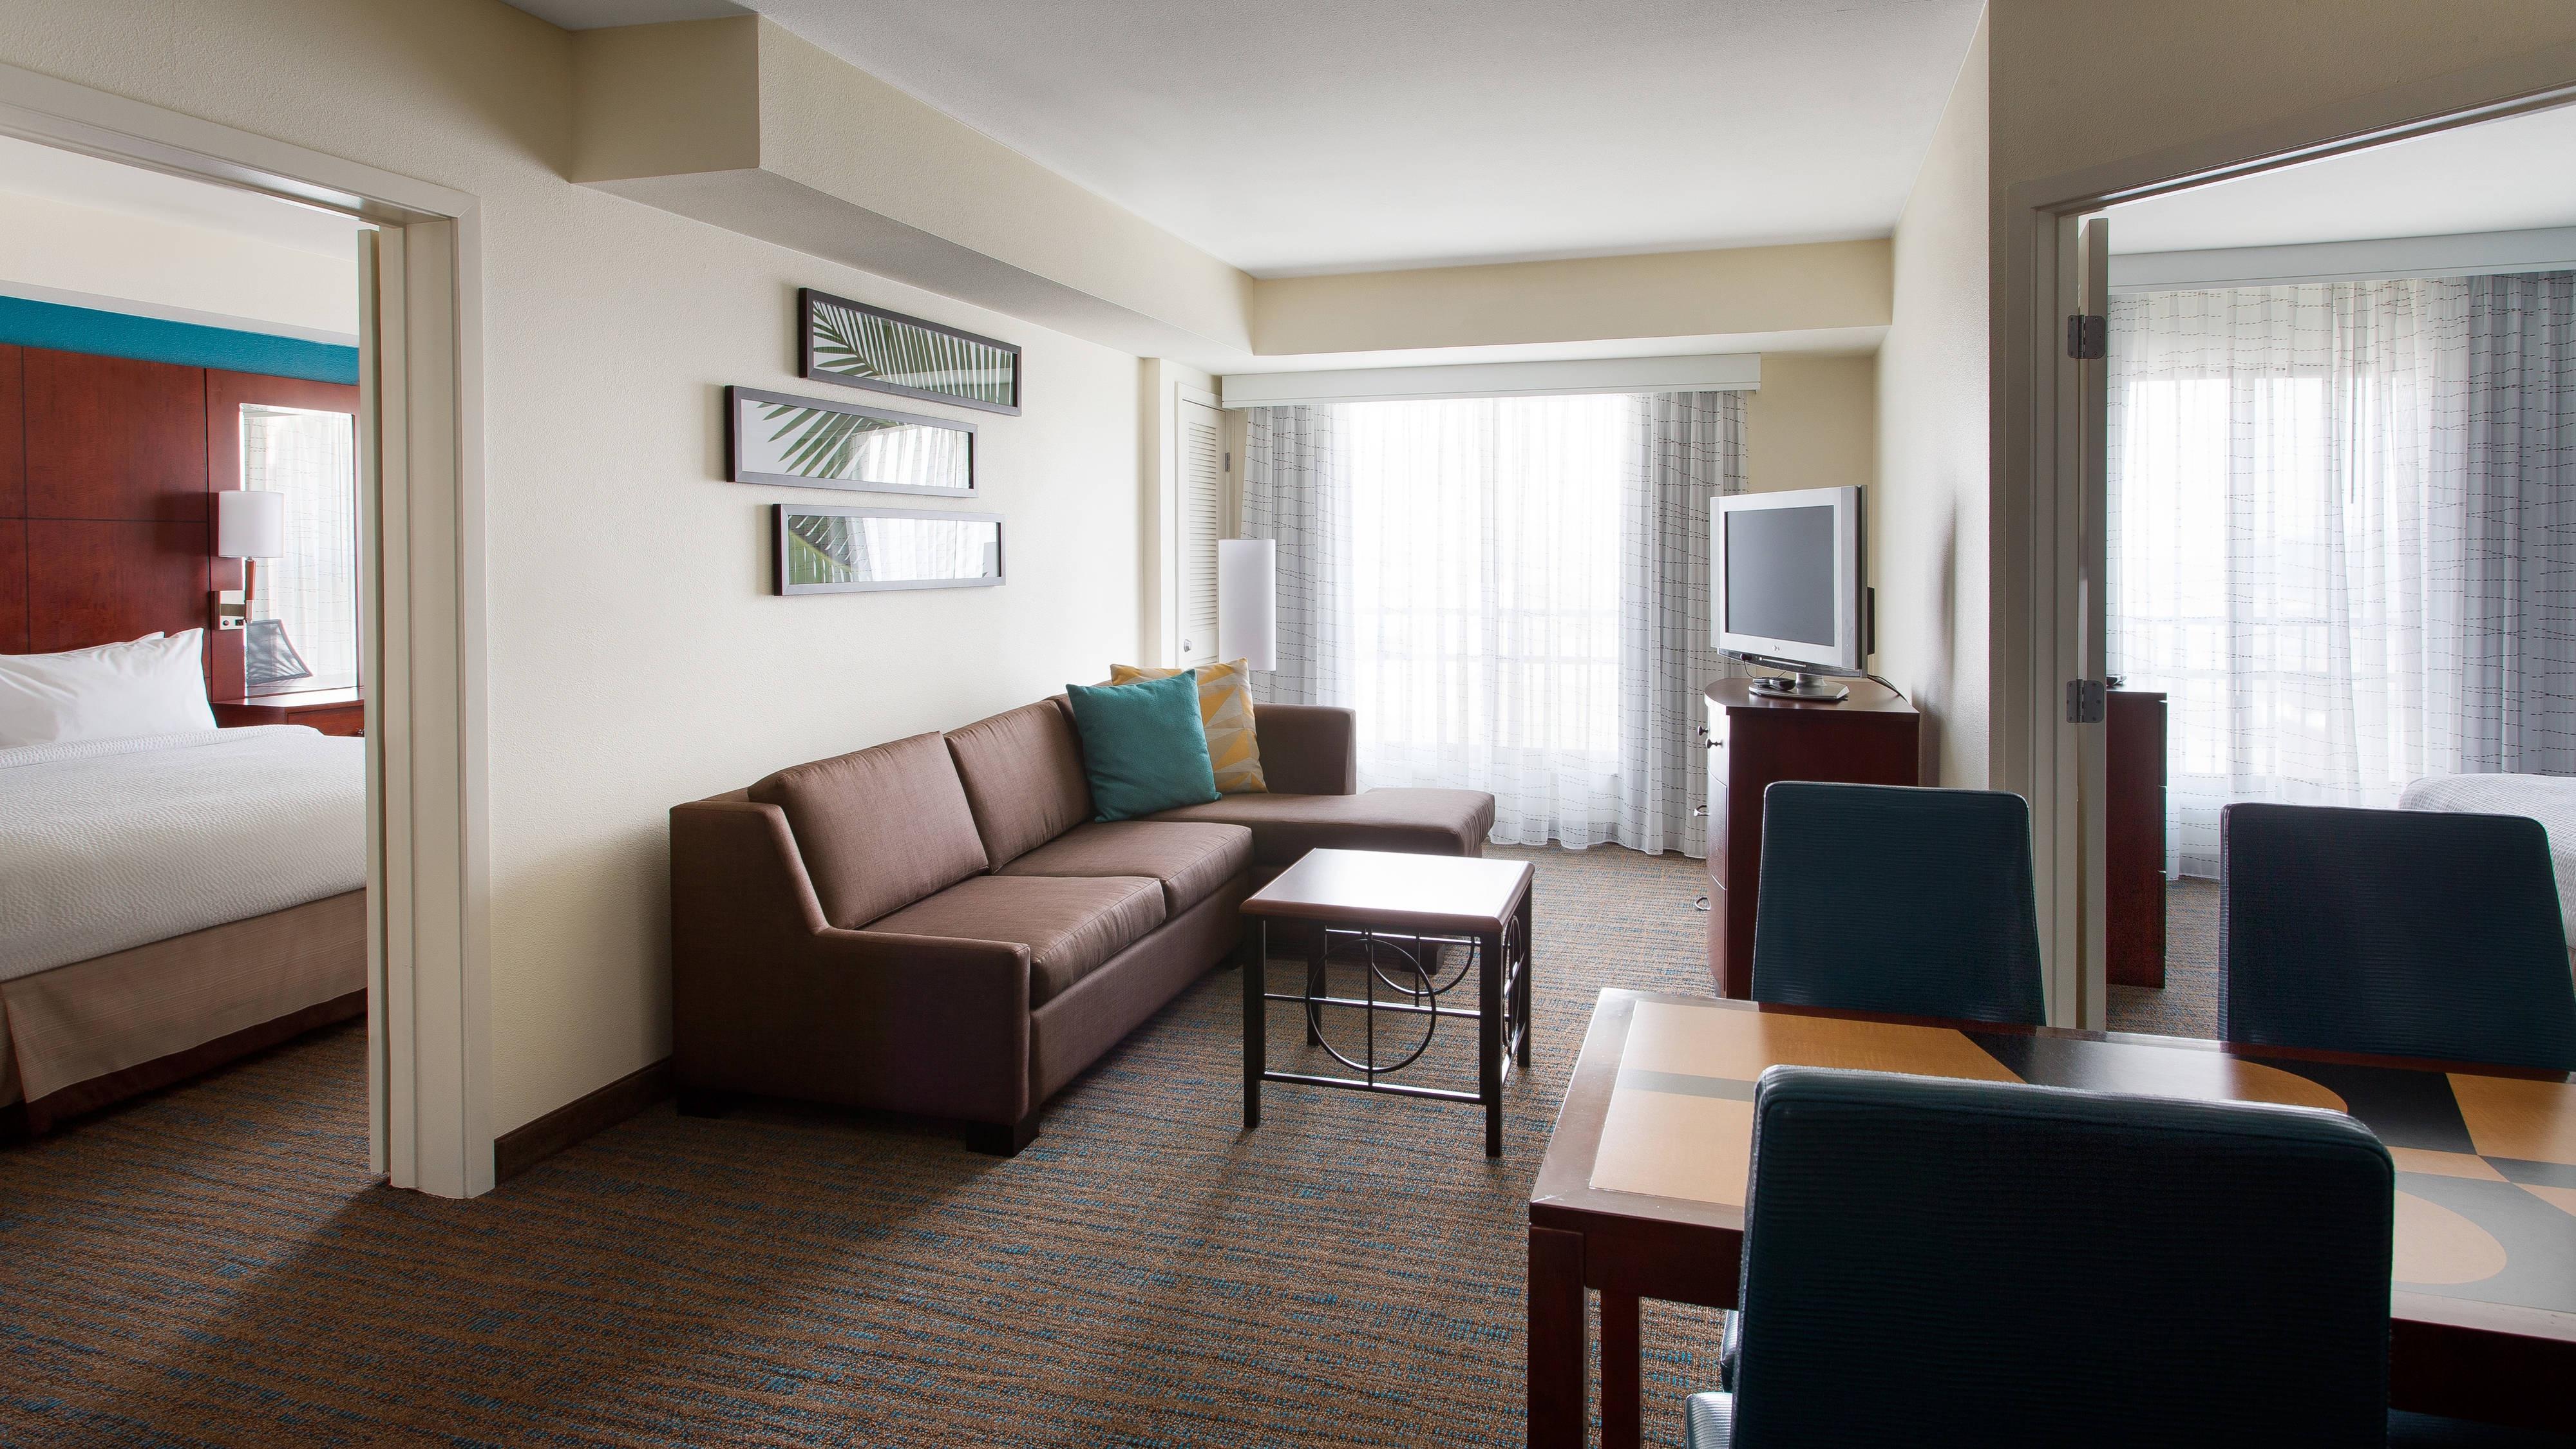 Two-Bedroom Suites in Burbank, CA